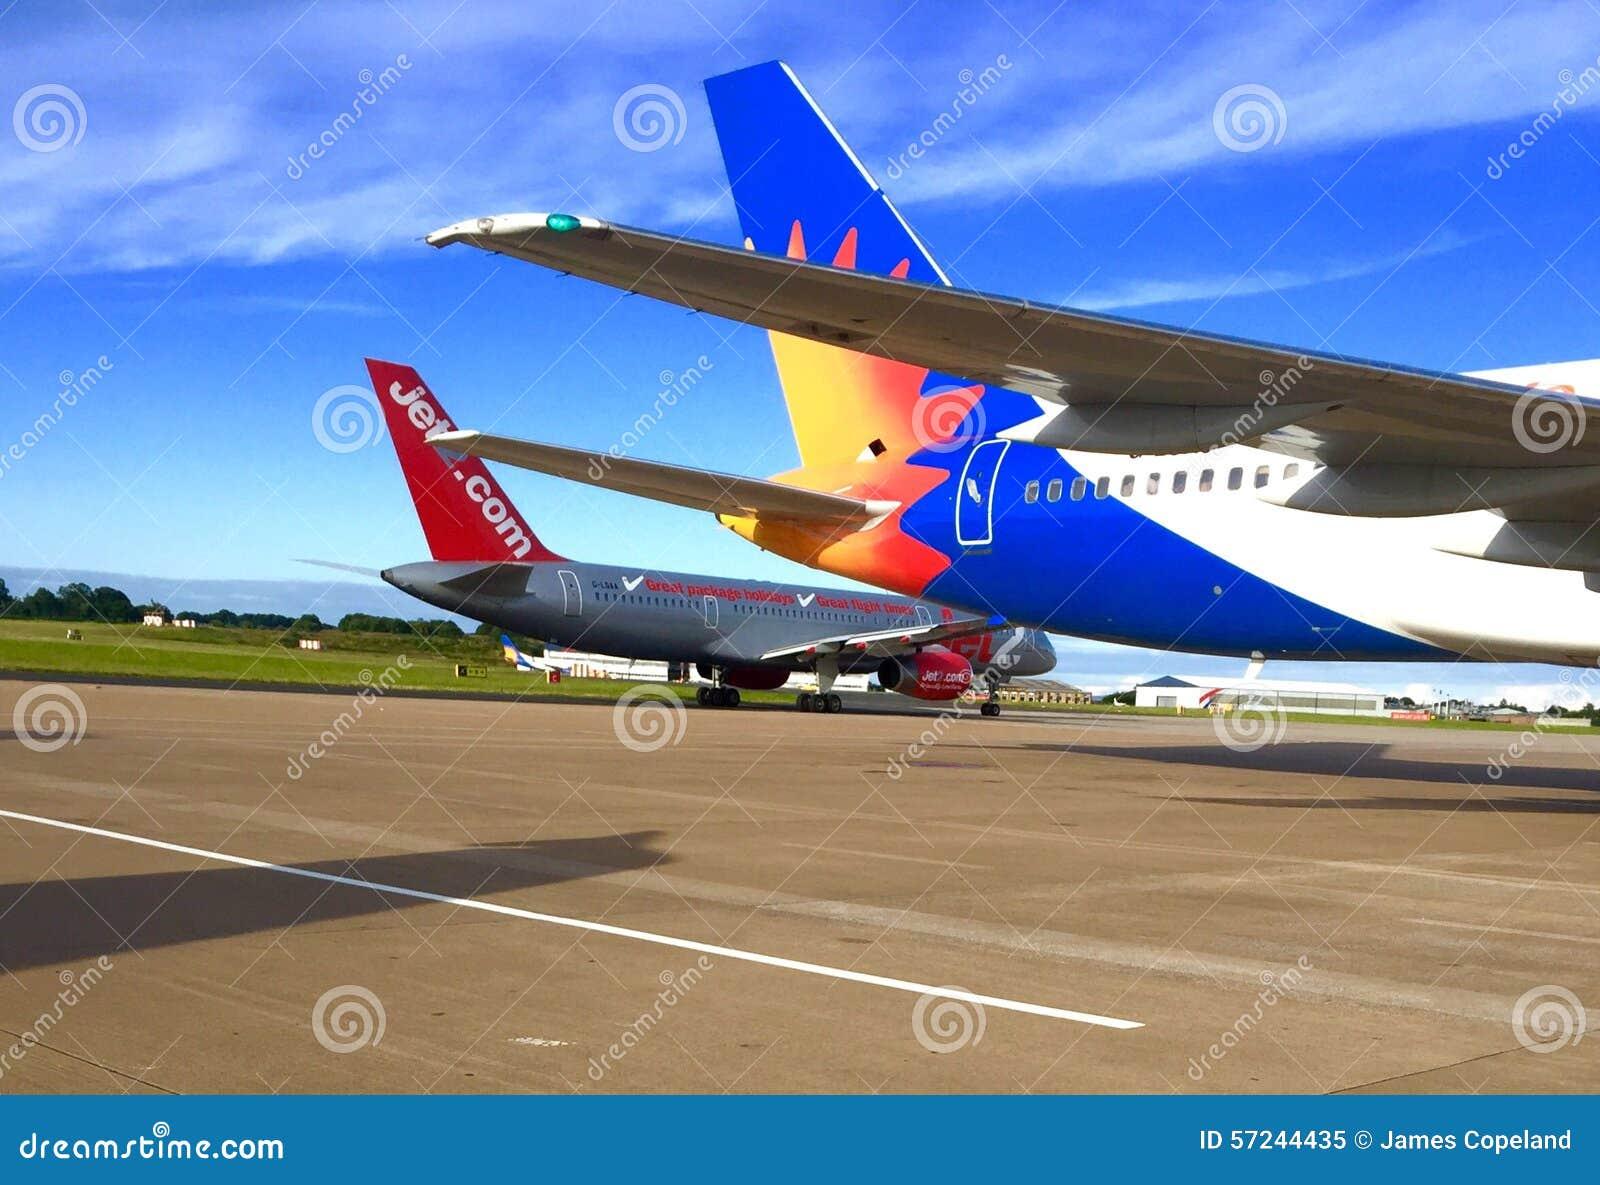 Jet2 COM y Jet2 aeroplanos de los días de fiesta de COM en la pista de despeque en el aeropuerto de Leeds Bradford